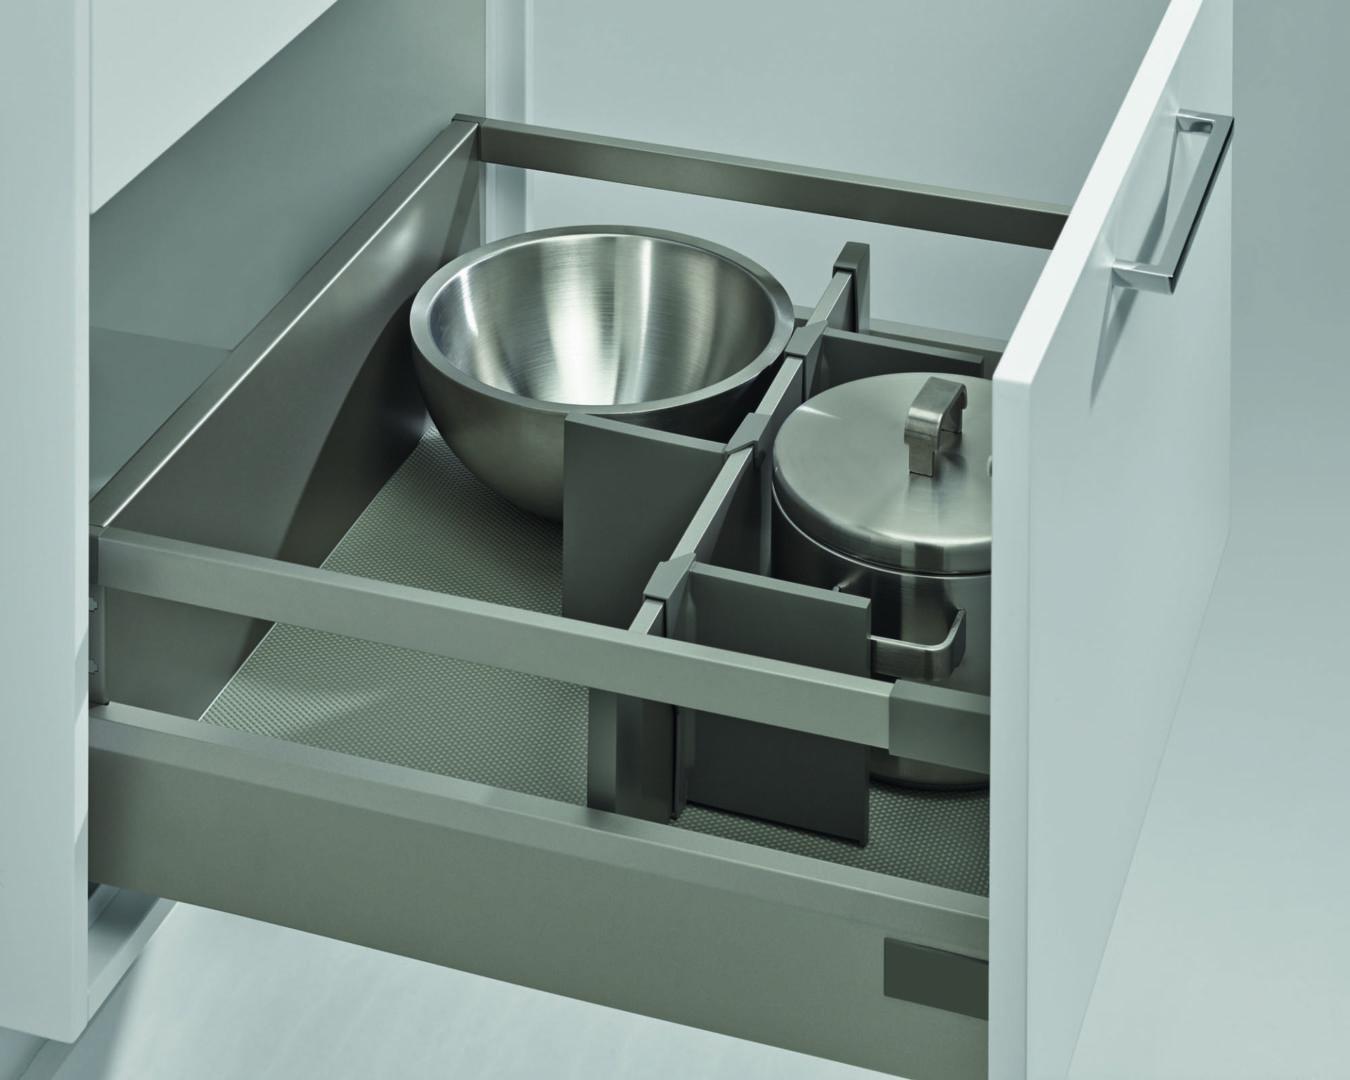 pn Auszug 5 scaled - Küchenzubehör